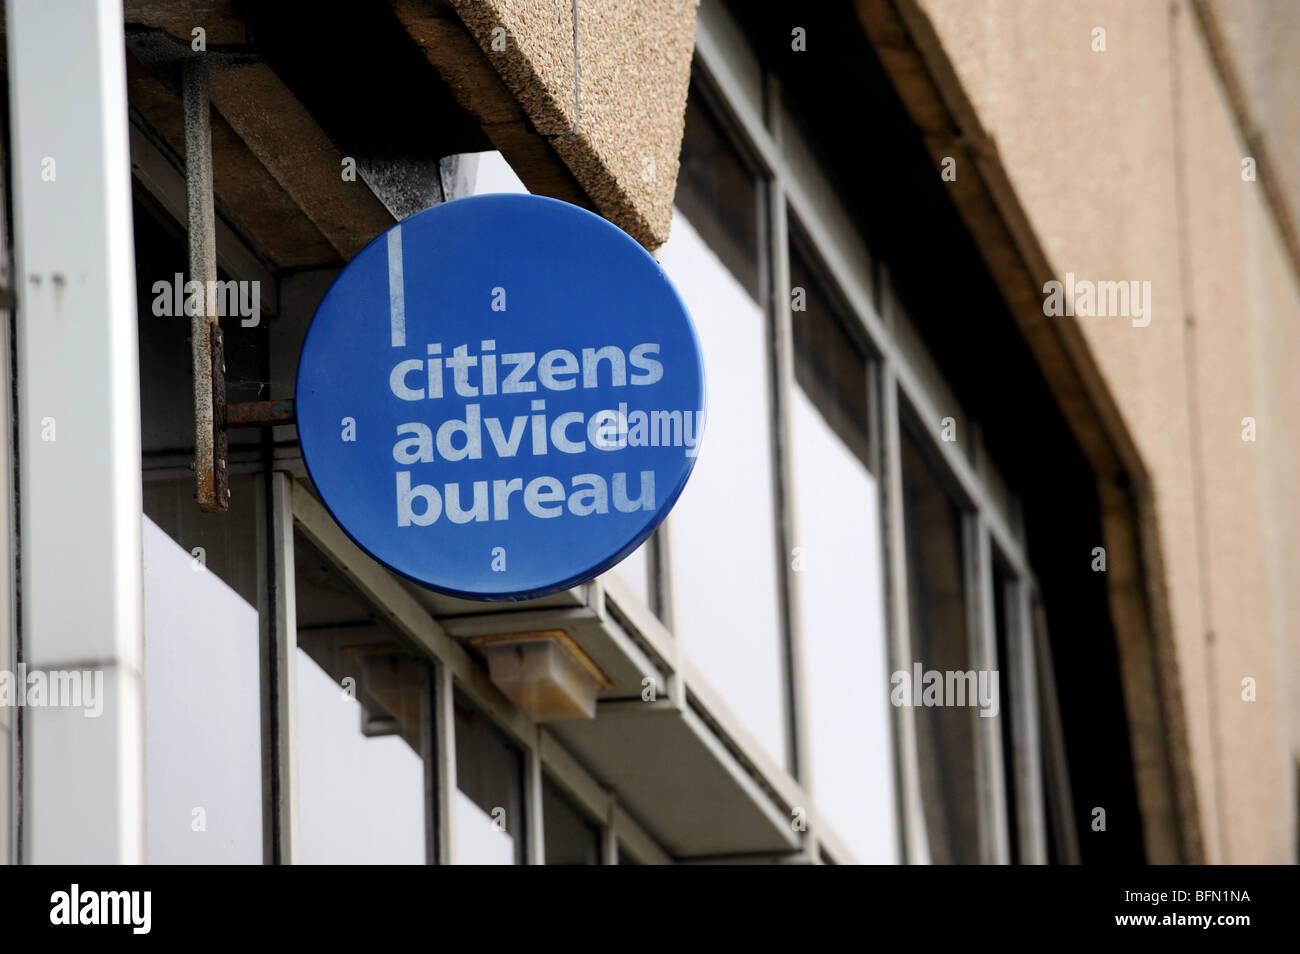 Citizens advice bureau sign stock photos citizens advice bureau